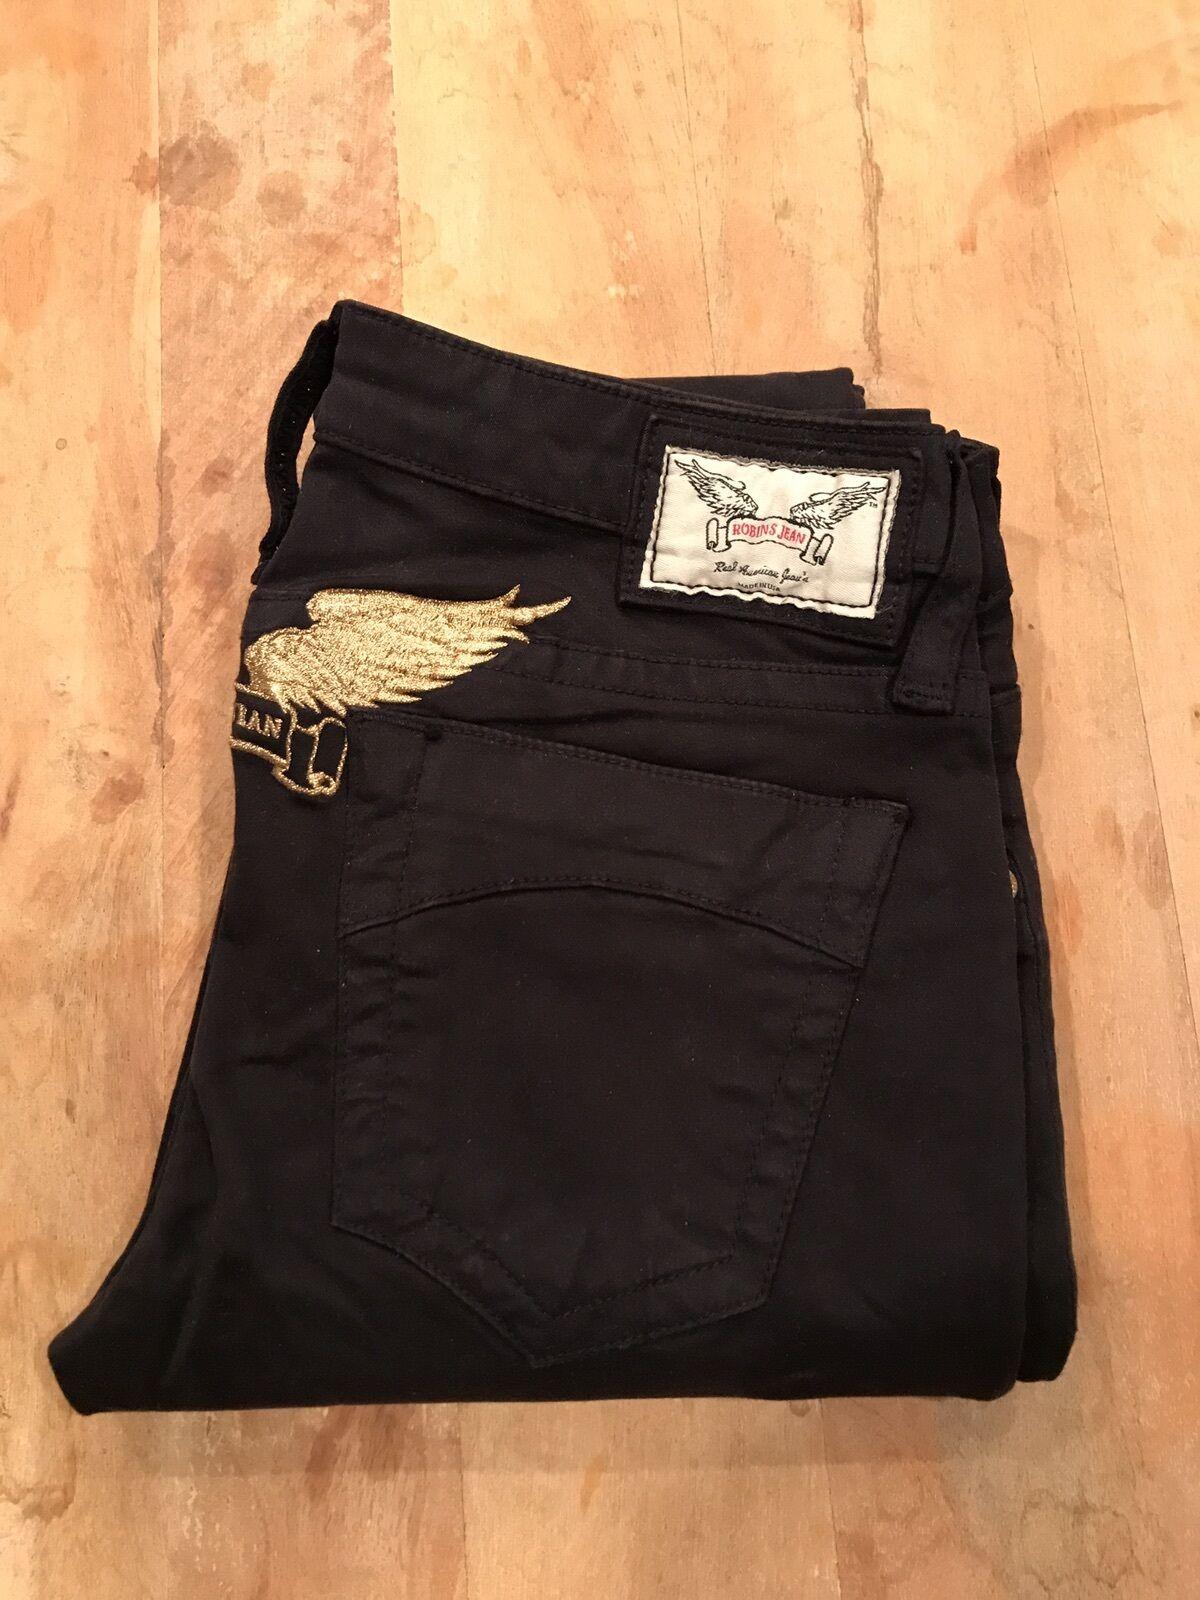 Nouveau Femme Marylin Popeline pantalon avec Gold Wing, schwarz, Größe 26